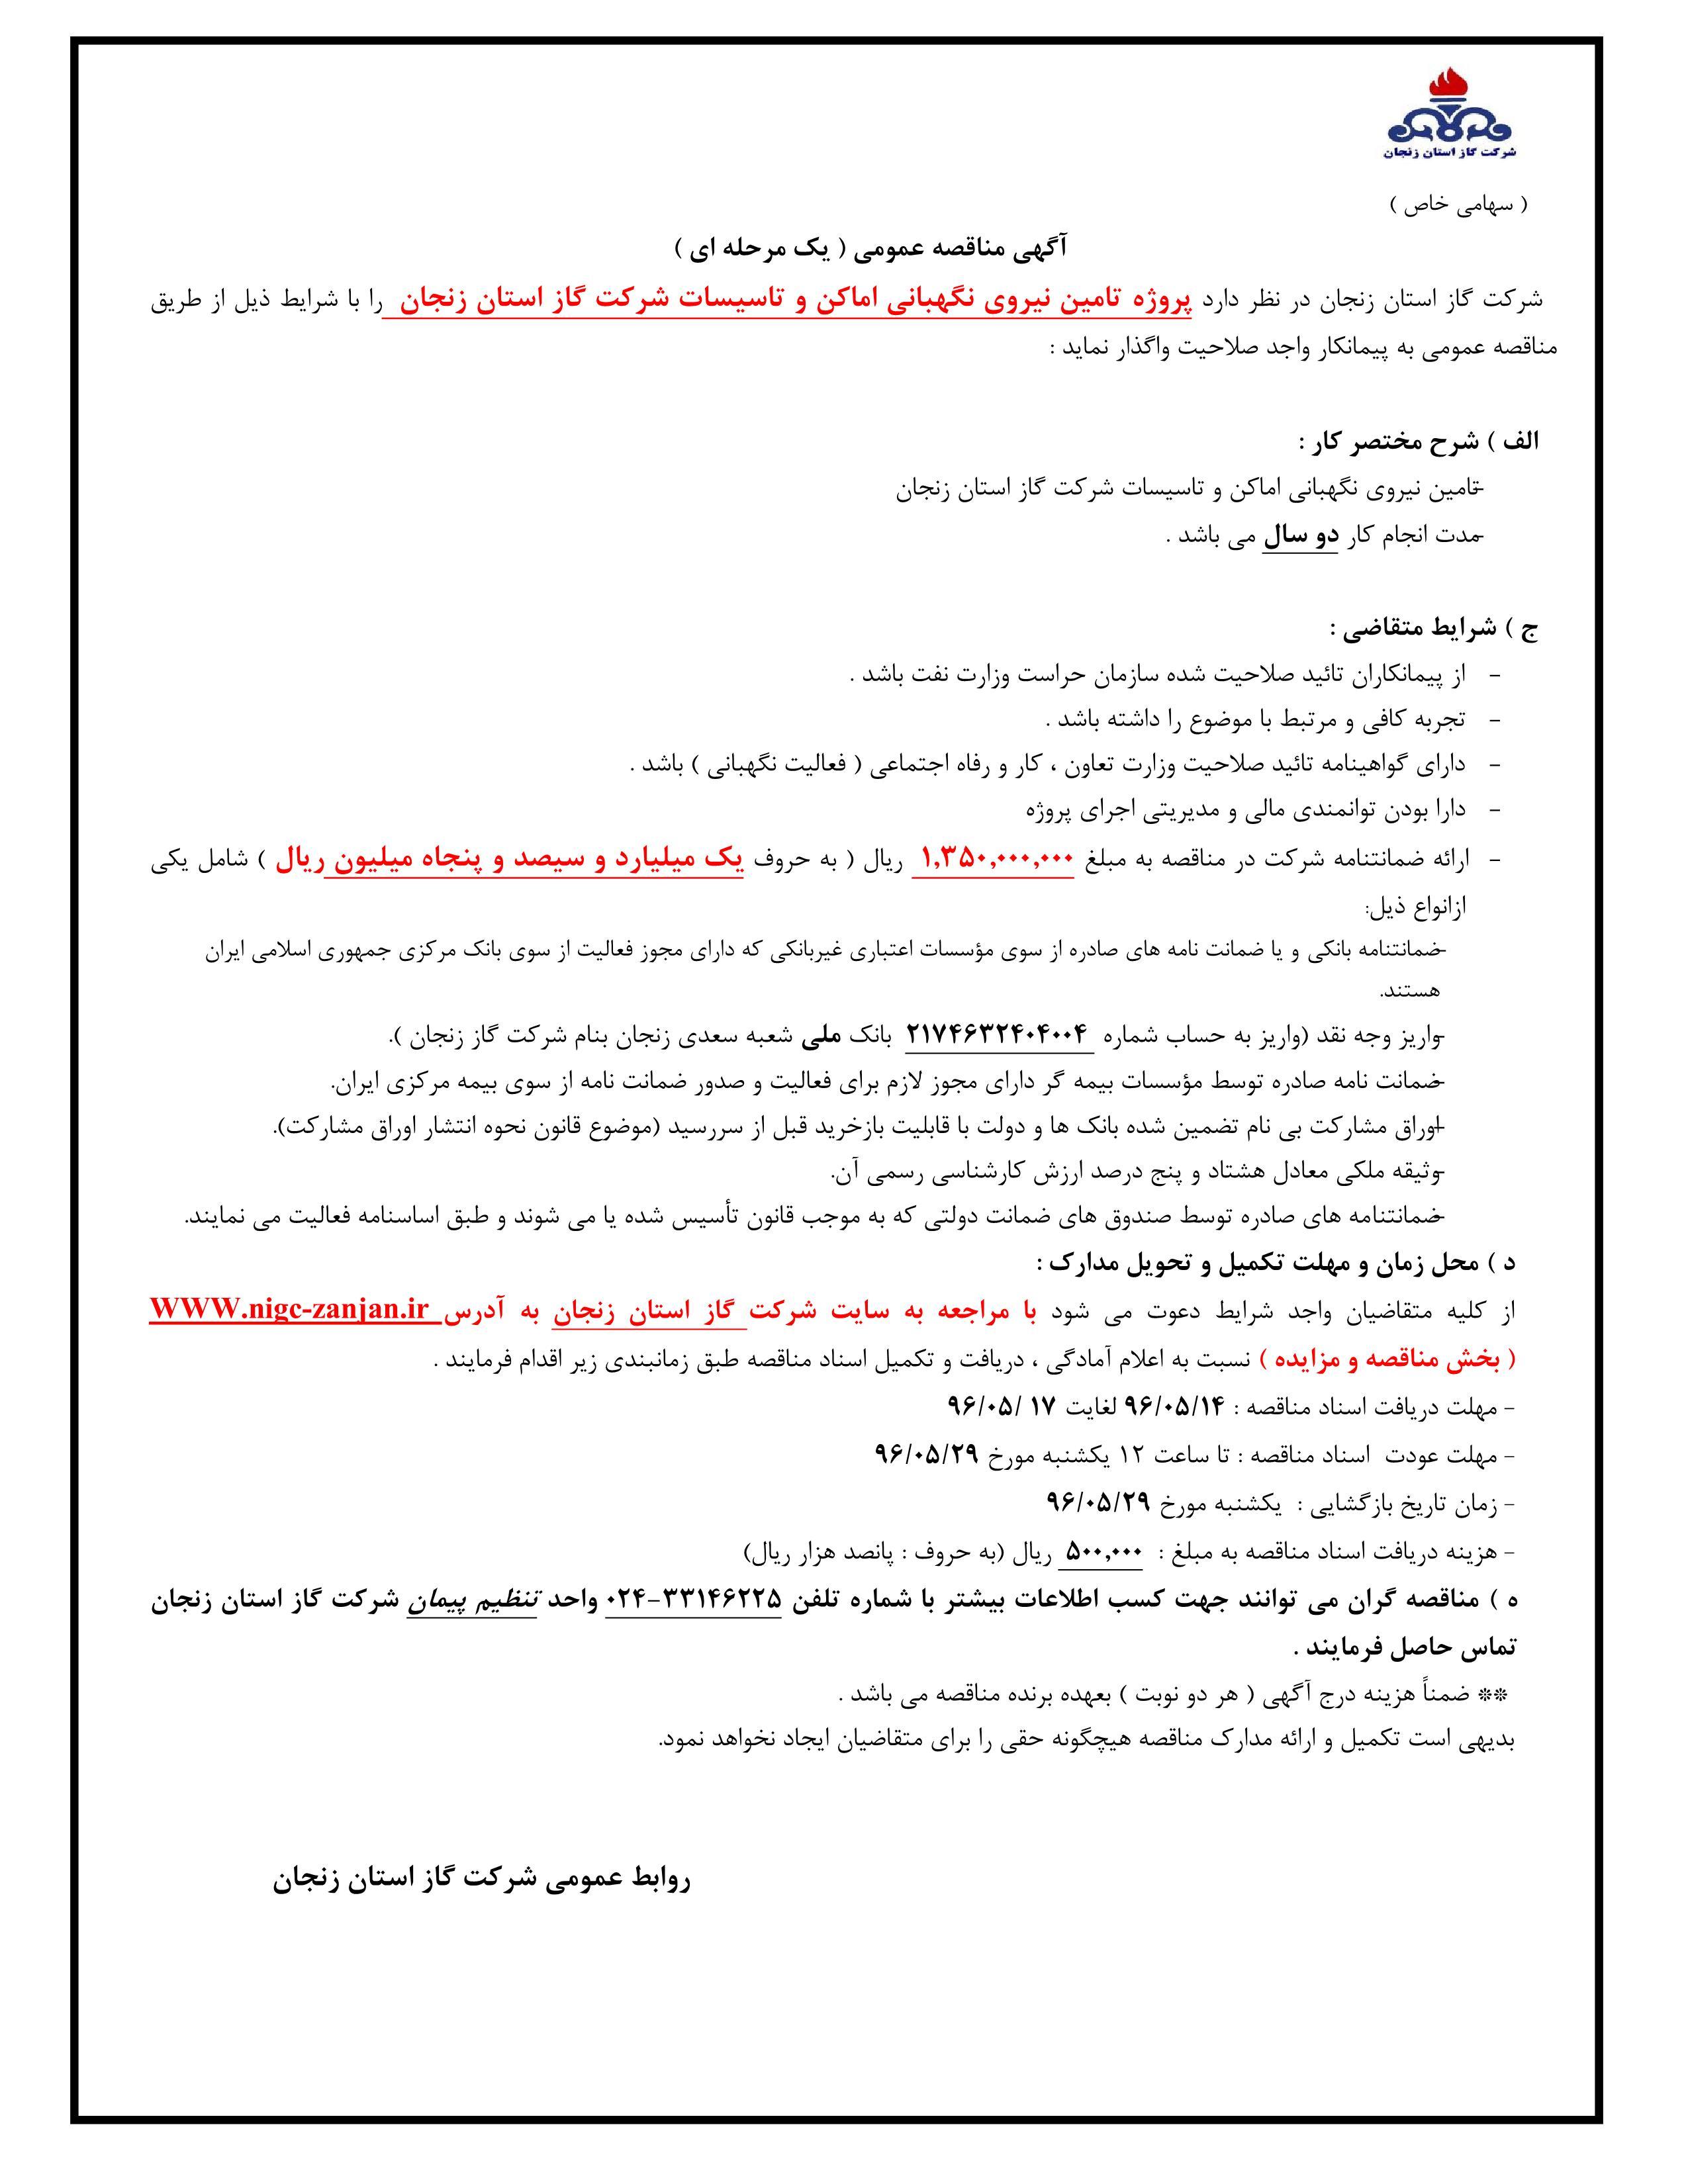 تامین نیروی انسانی مورد نیاز شرکت گاز استان زنجان